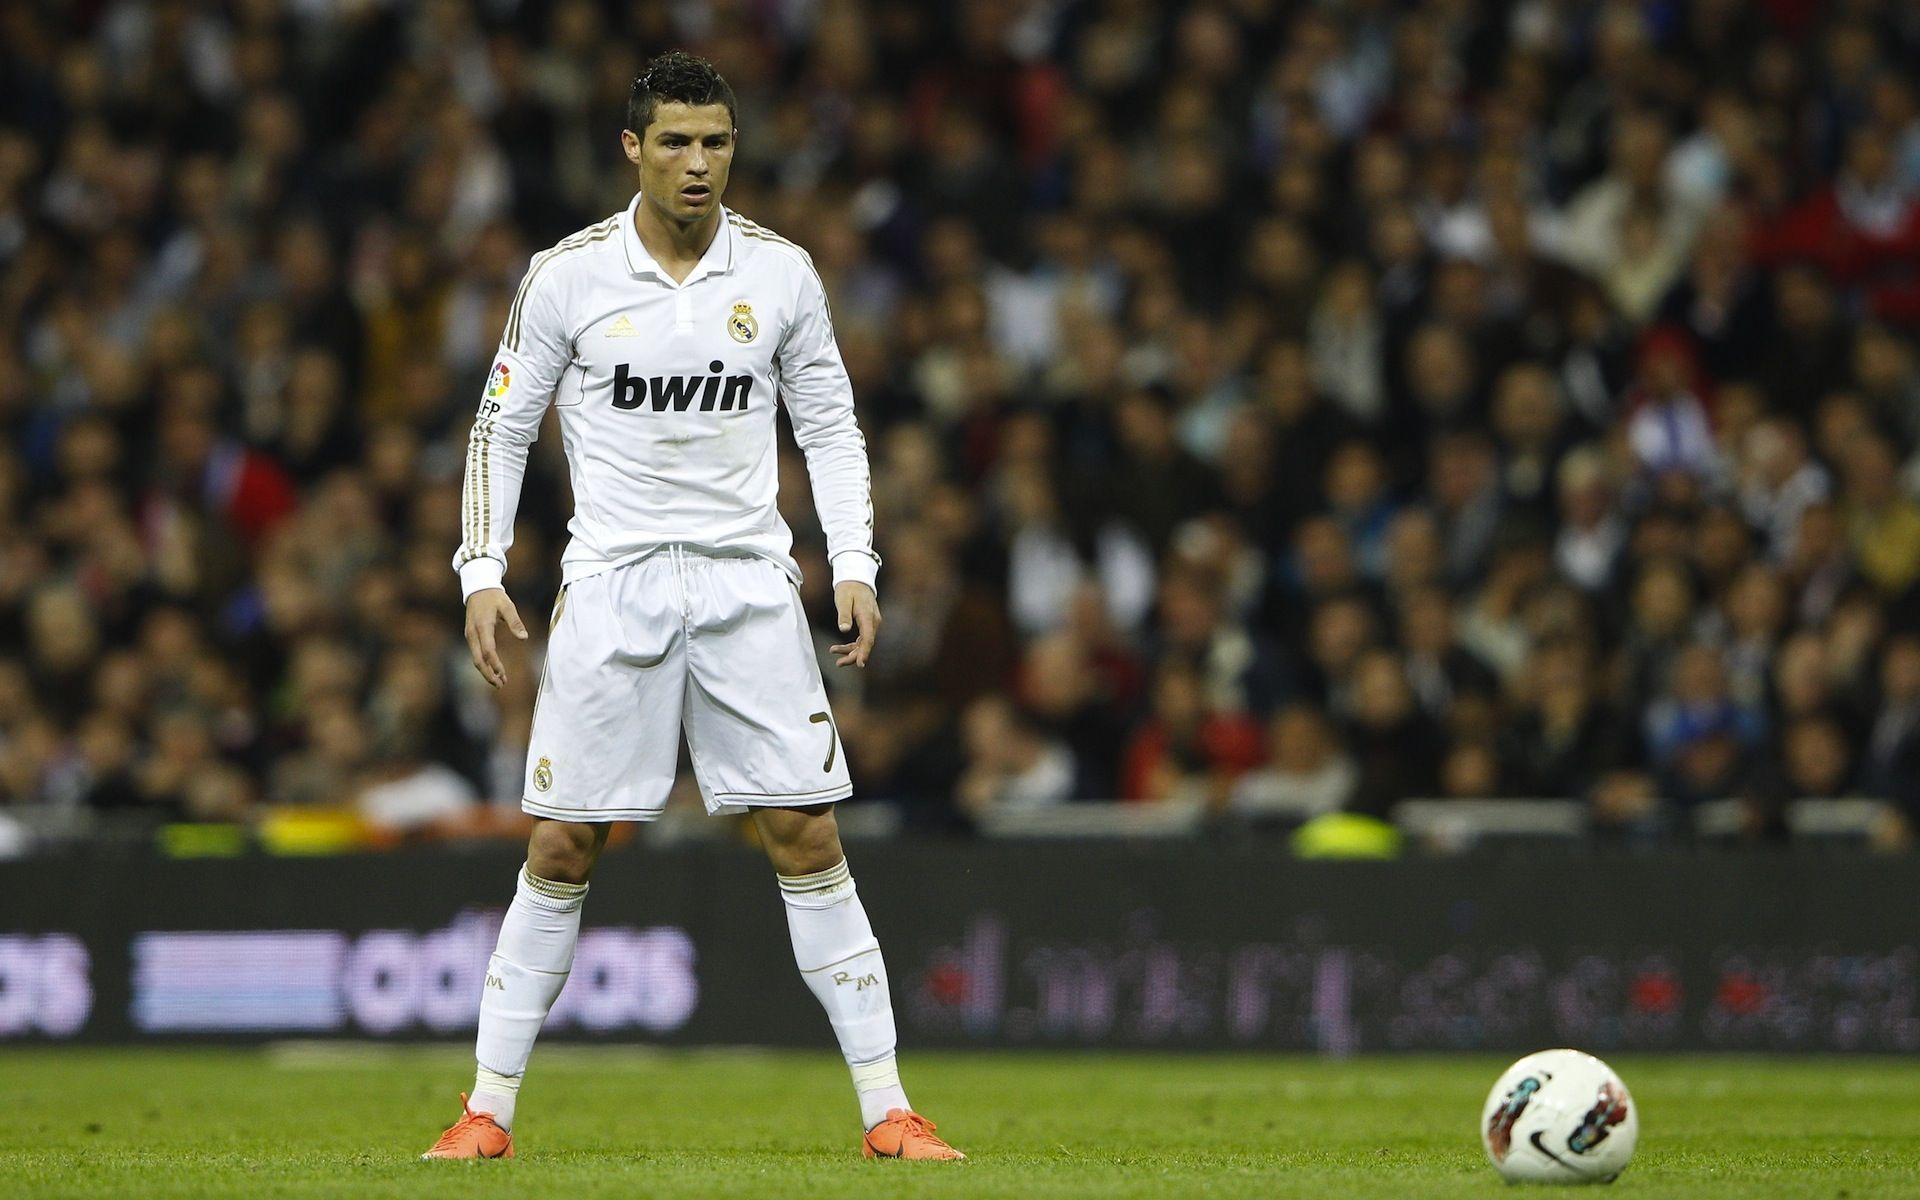 Cristiano Ronaldo Real Madrid Free Kick Hd Wallpaper Ronaldo Free Kick Cristiano Ronaldo Free Kick Ronaldo Soccer